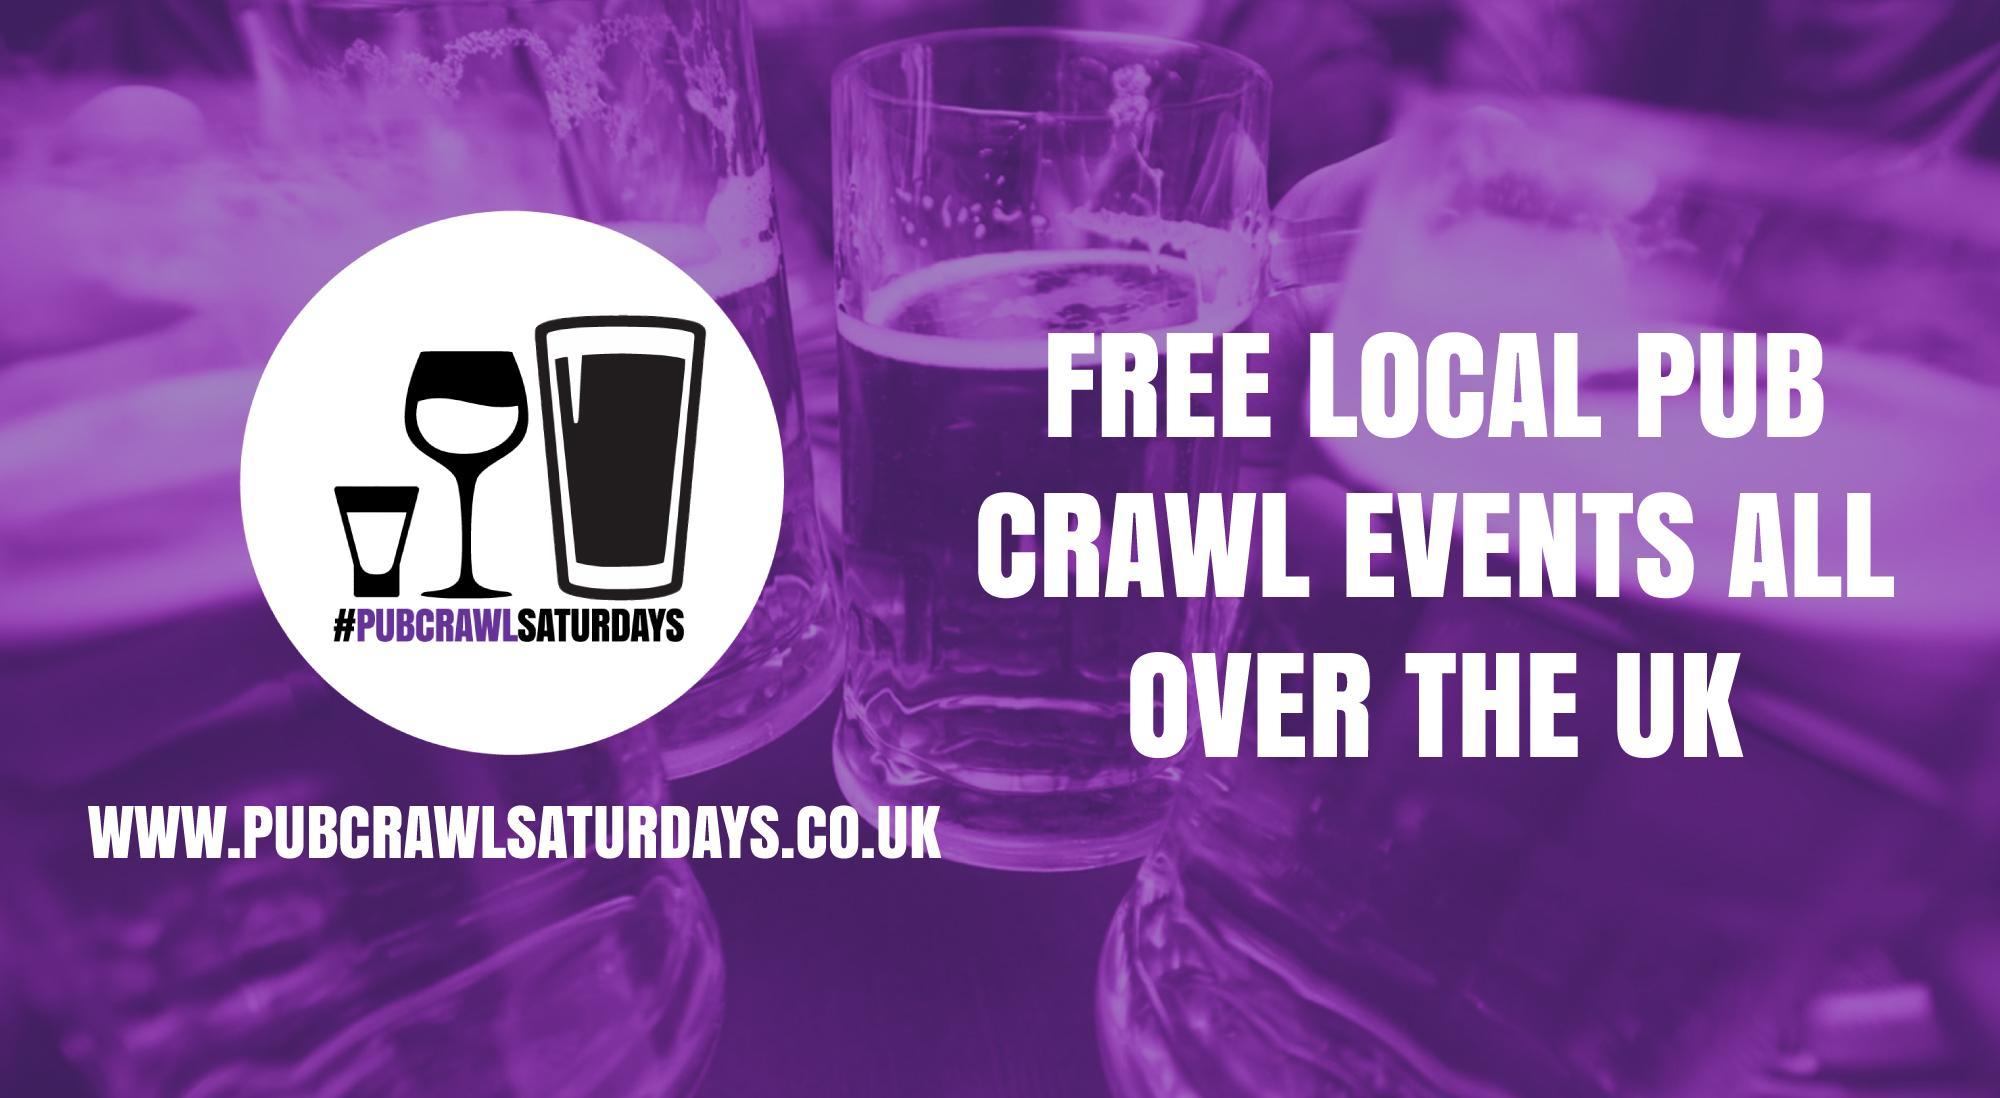 PUB CRAWL SATURDAYS! Free weekly pub crawl event in Bury